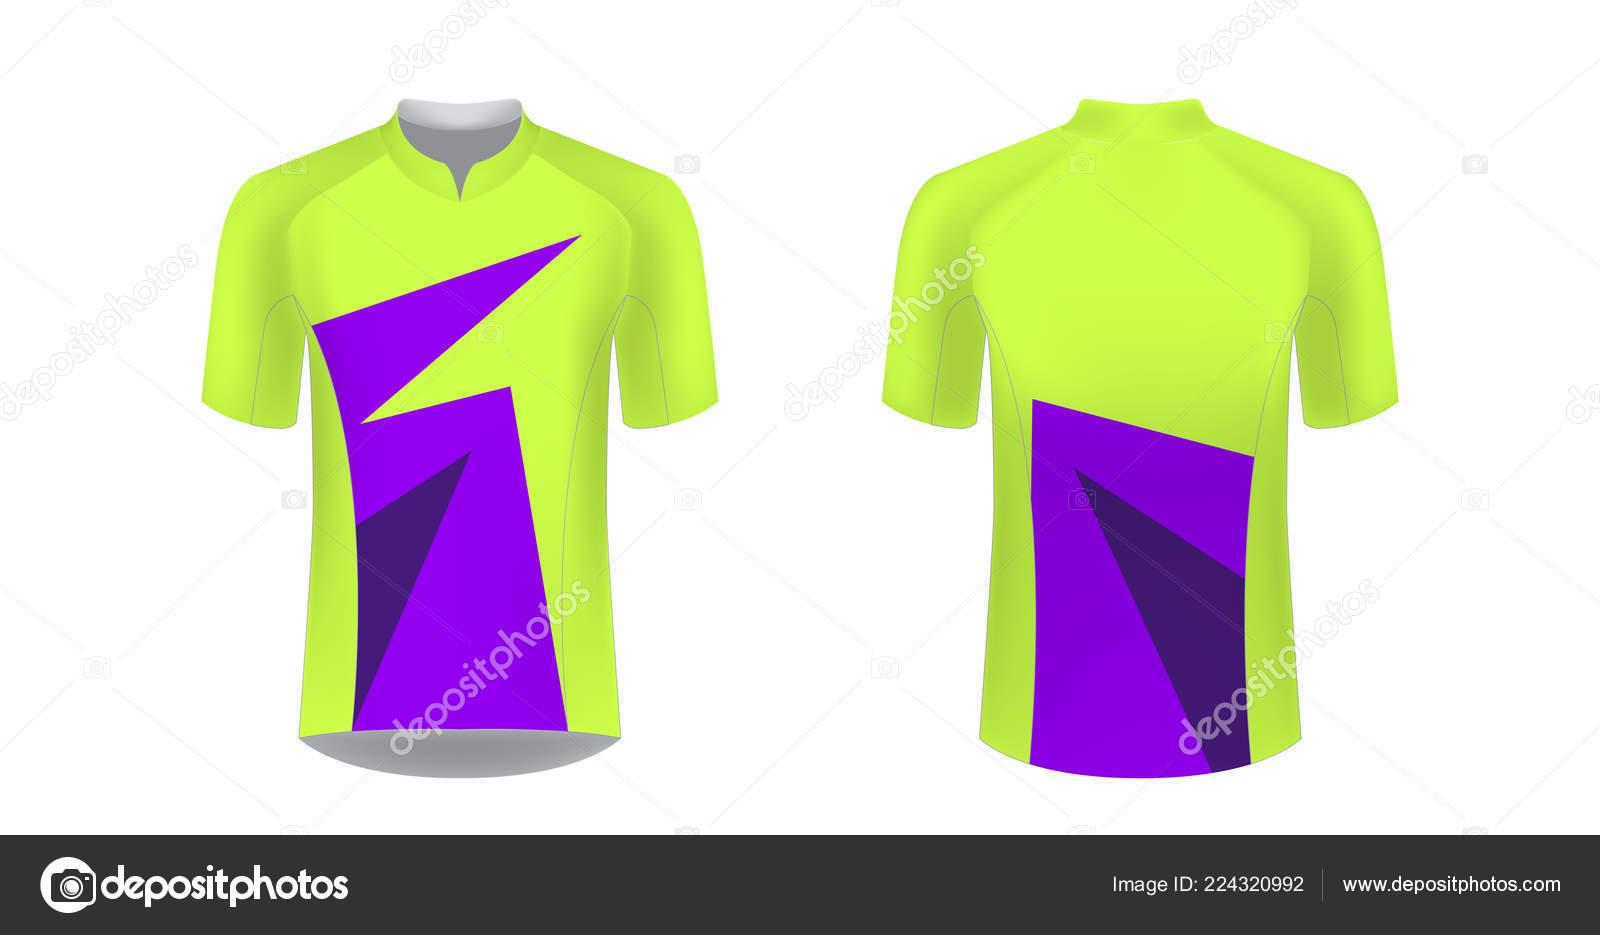 Modelos Desenhos Sportswear Para Impressao Sublimacao Uniforme